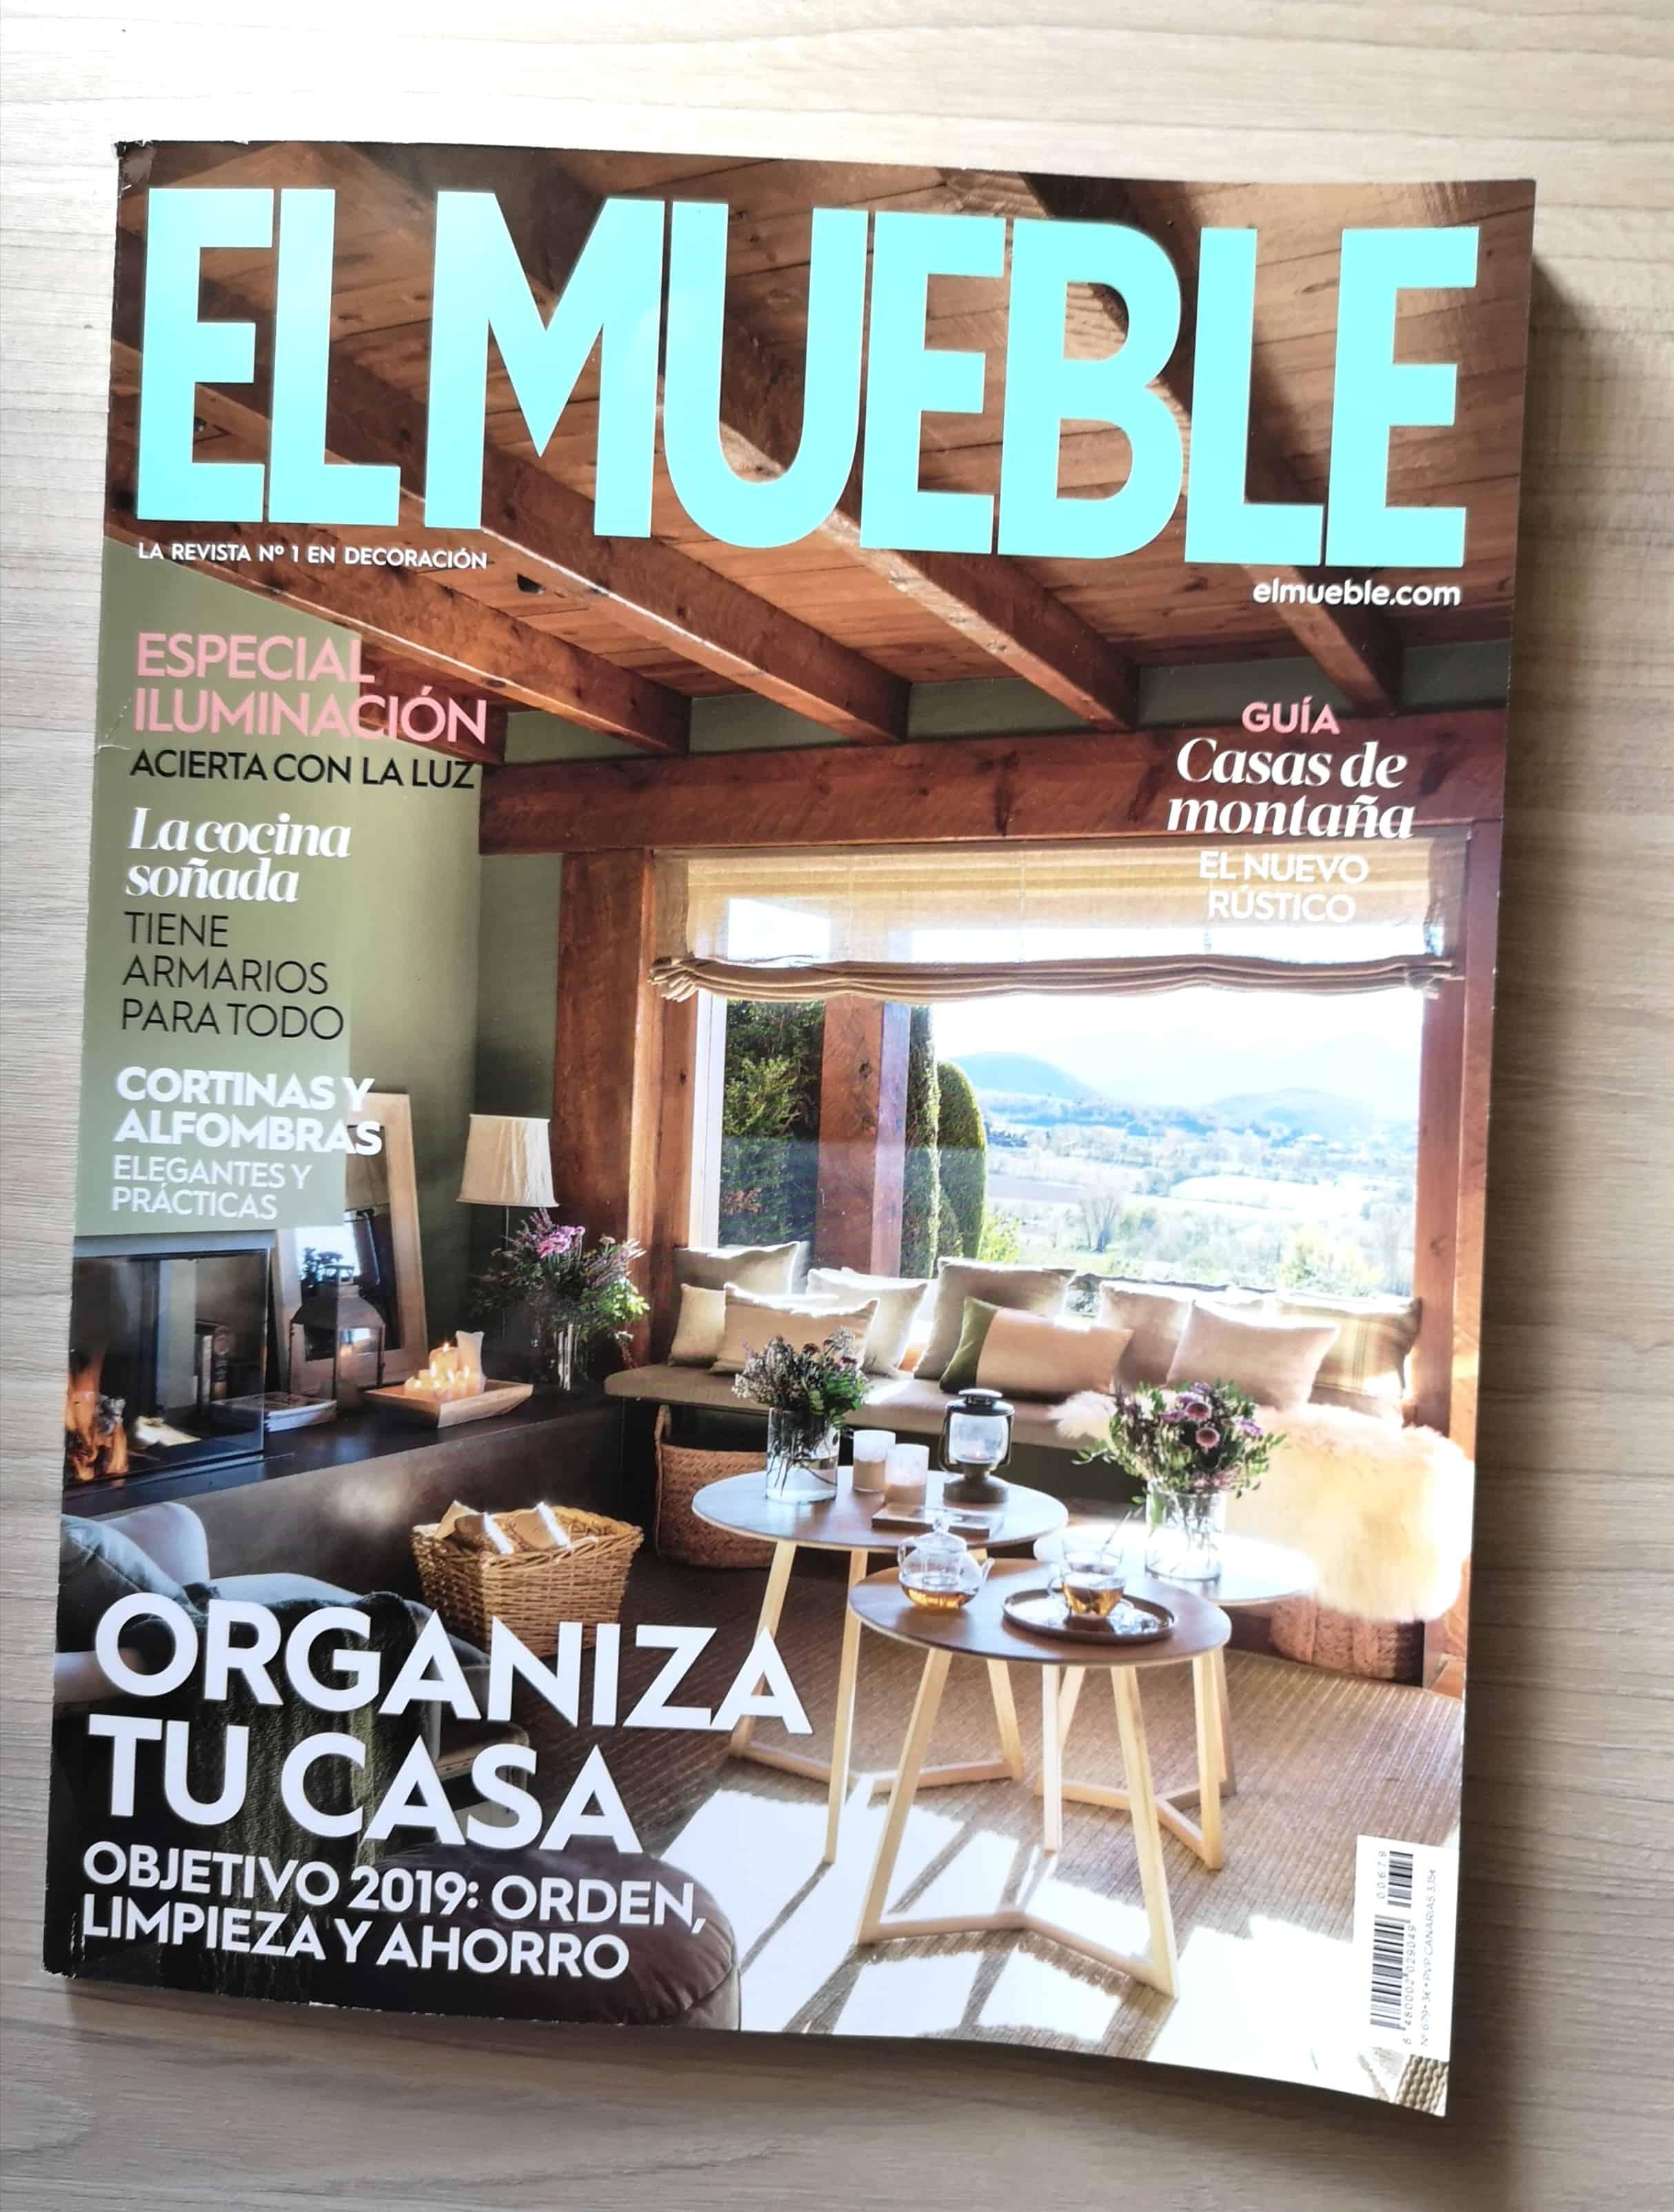 De Nuevo En La Revista El Mueble De Enero Glow Rehabilita